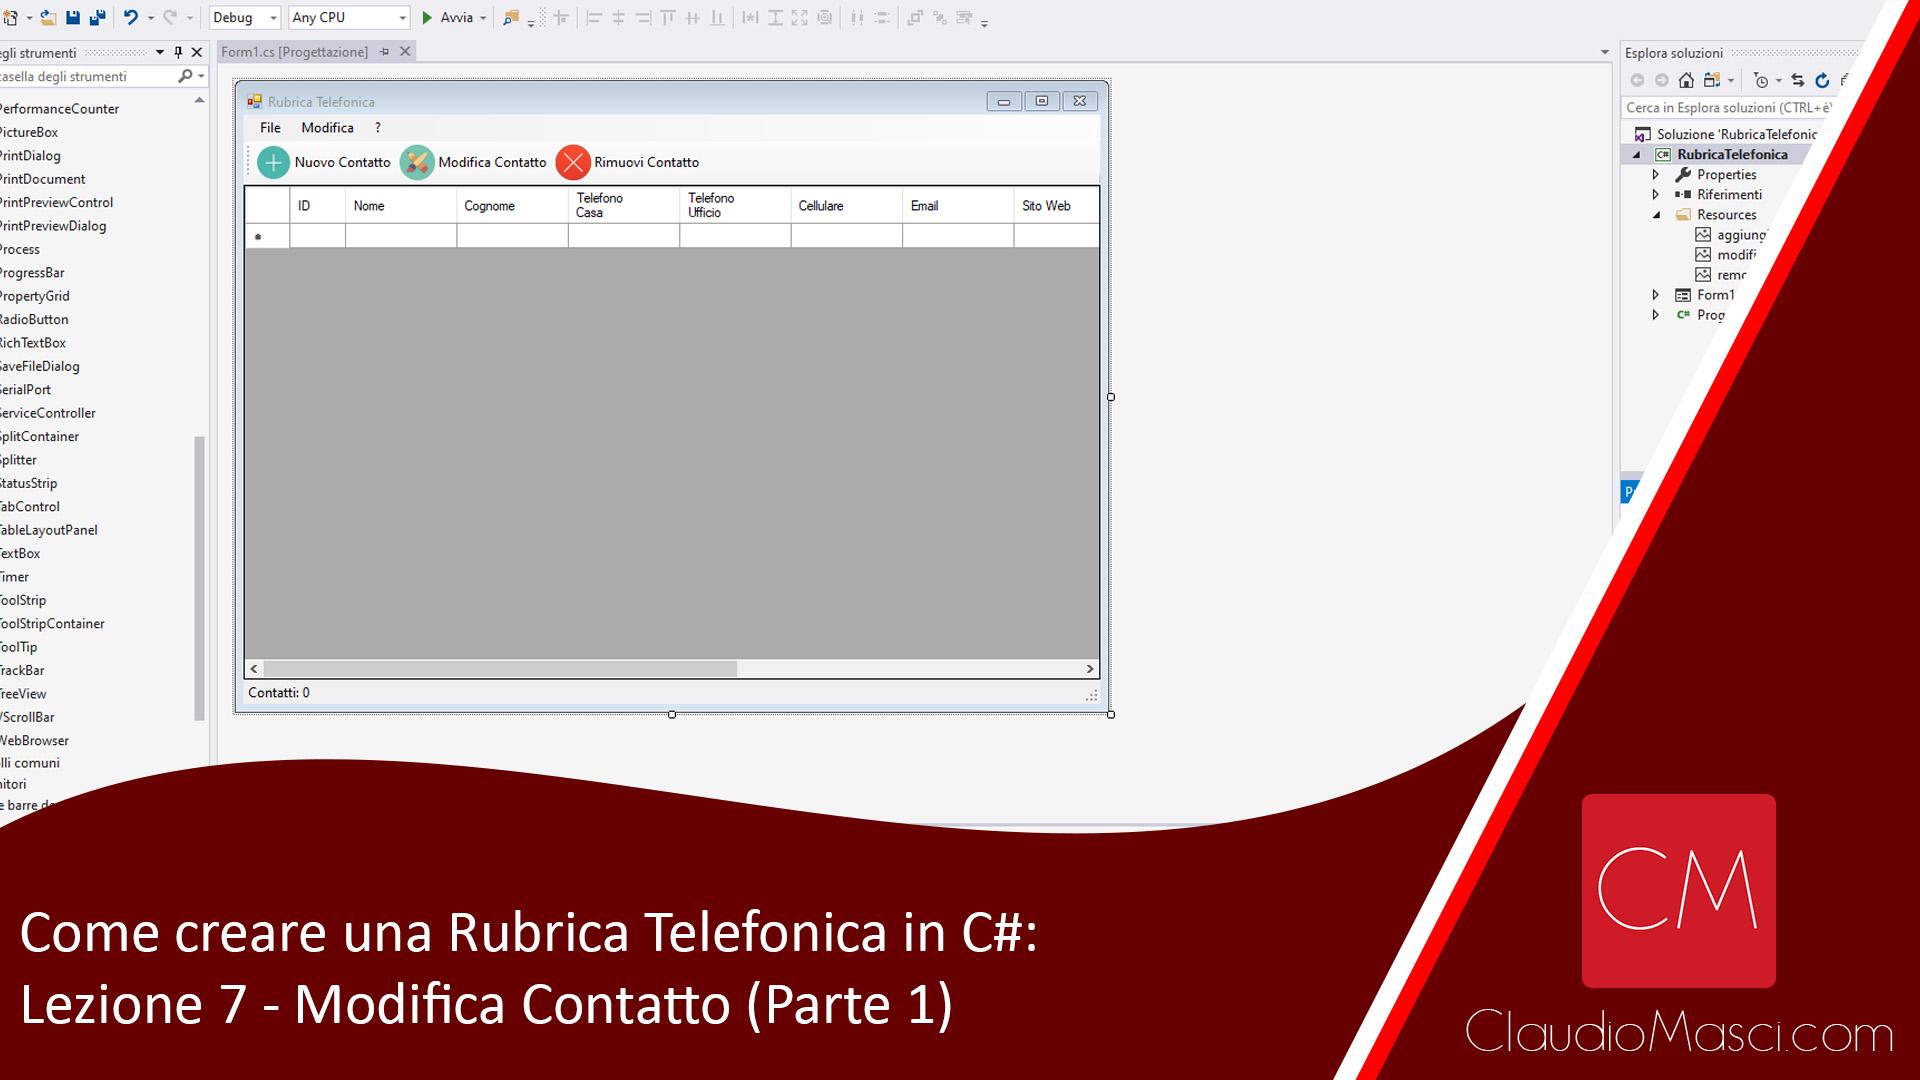 Come creare una Rubrica Telefonica in C# – Lezione 7 – Modifica Contatto (Parte 1)